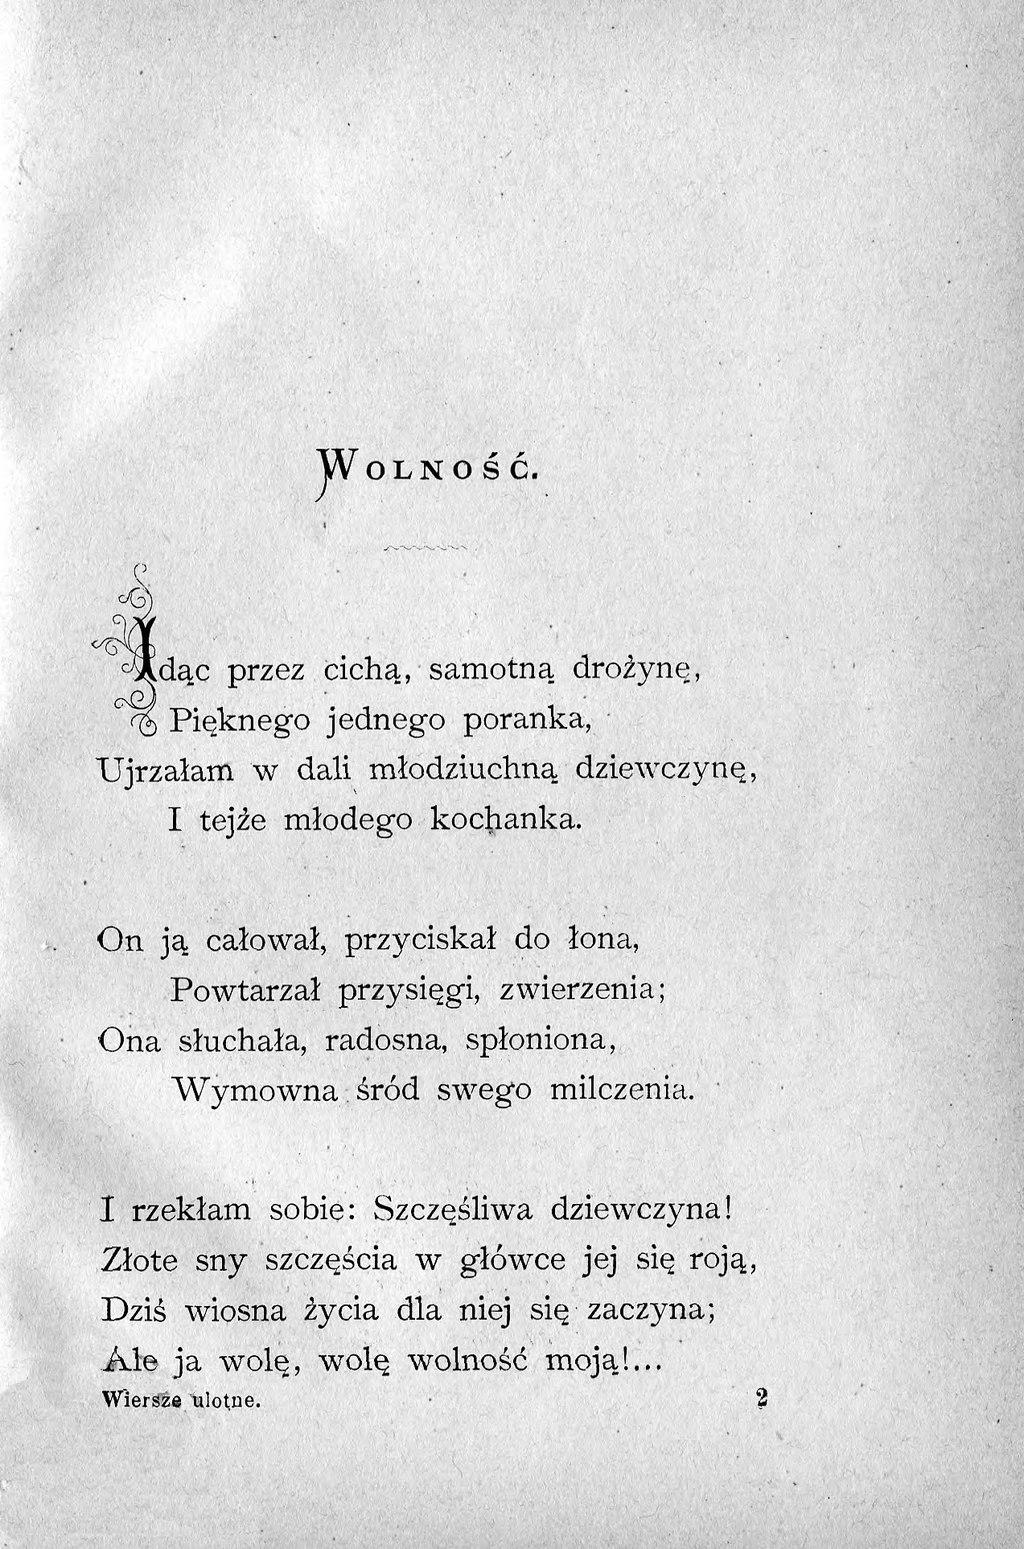 Stronawiersze Ulotne Szembekowadjvu015 Wikiźródła